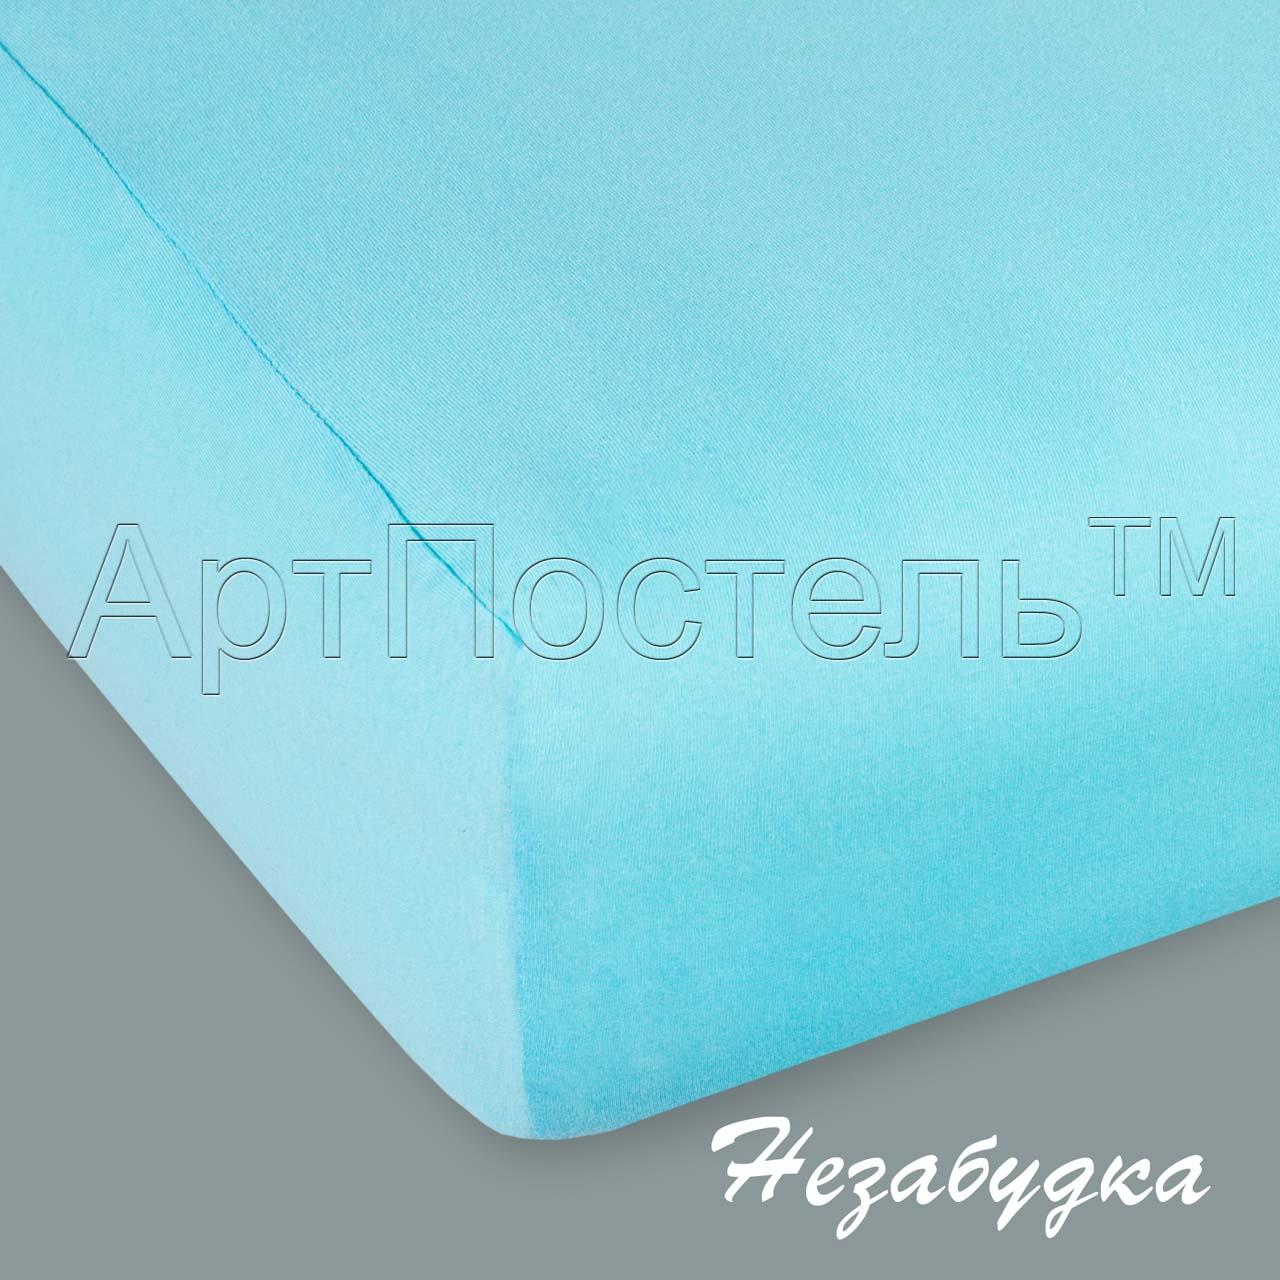 Простыня на резинке Незабудка, размер 90х200 смПростыни<br>Плотность ткани: 145 г/кв. м <br>Высота матраса: 20 см<br><br>Тип: Простыня<br>Размер: 90х200<br>Материал: Кулирка